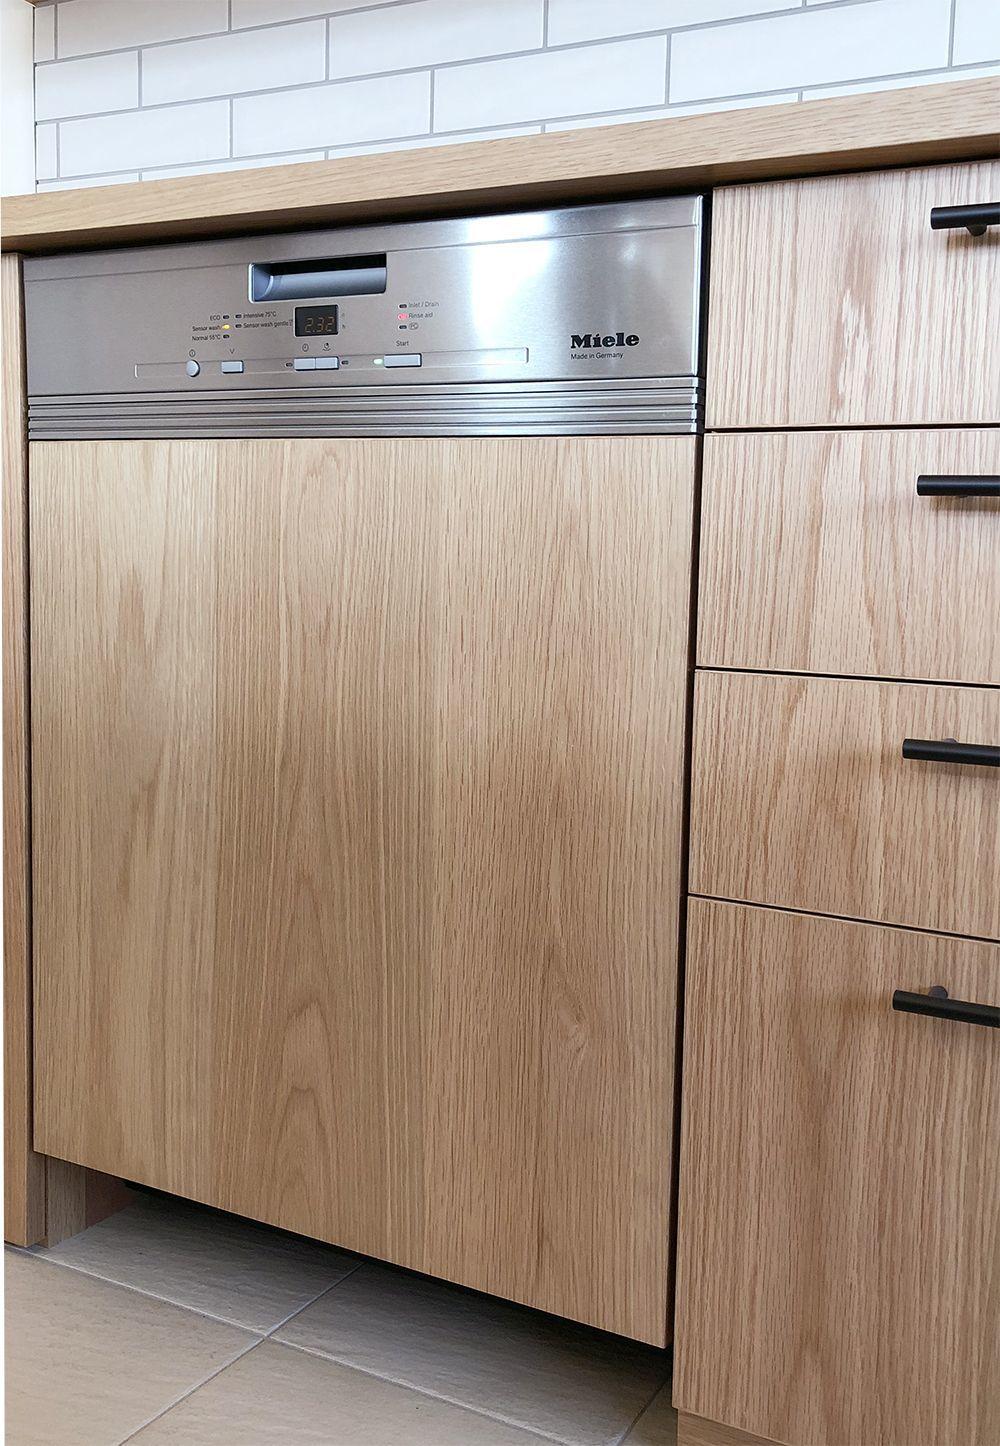 ナチュラル空間への食洗機、洗濯機設置_a0155290_11460091.jpg